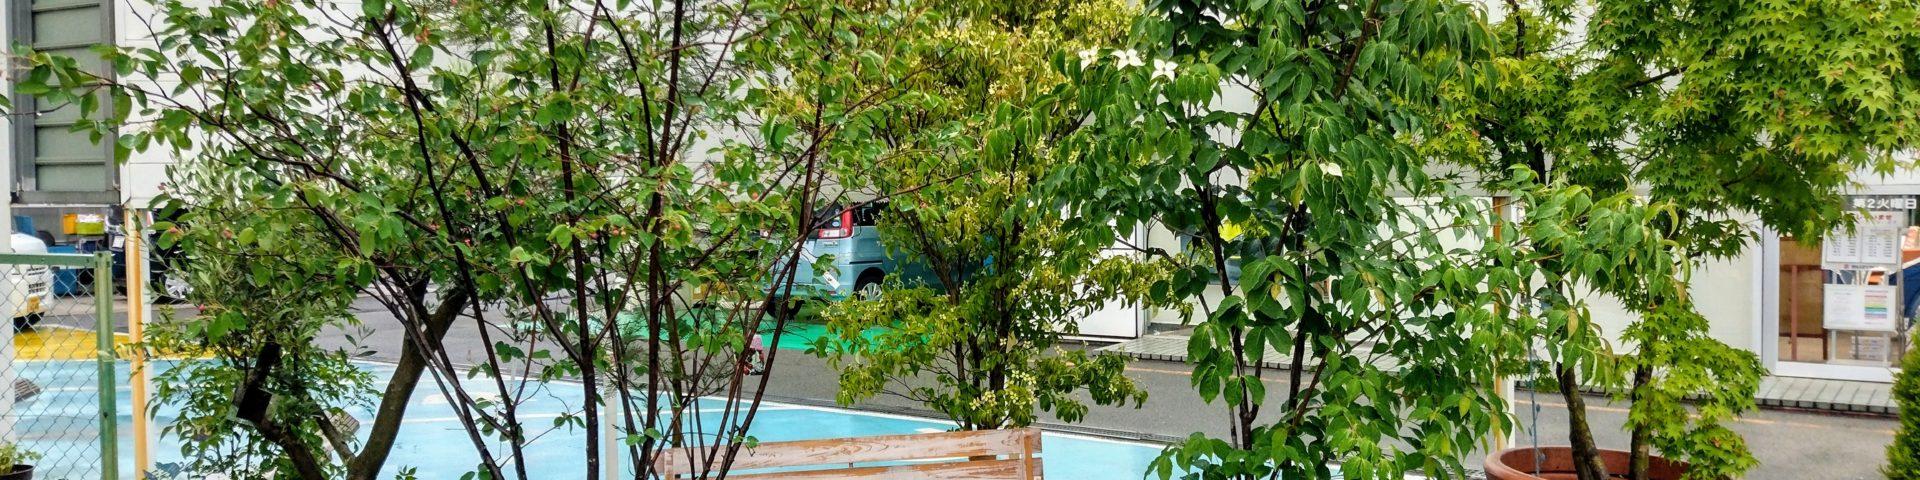 シンボルツリー用の植木販売中です@京都宇治かわなみ